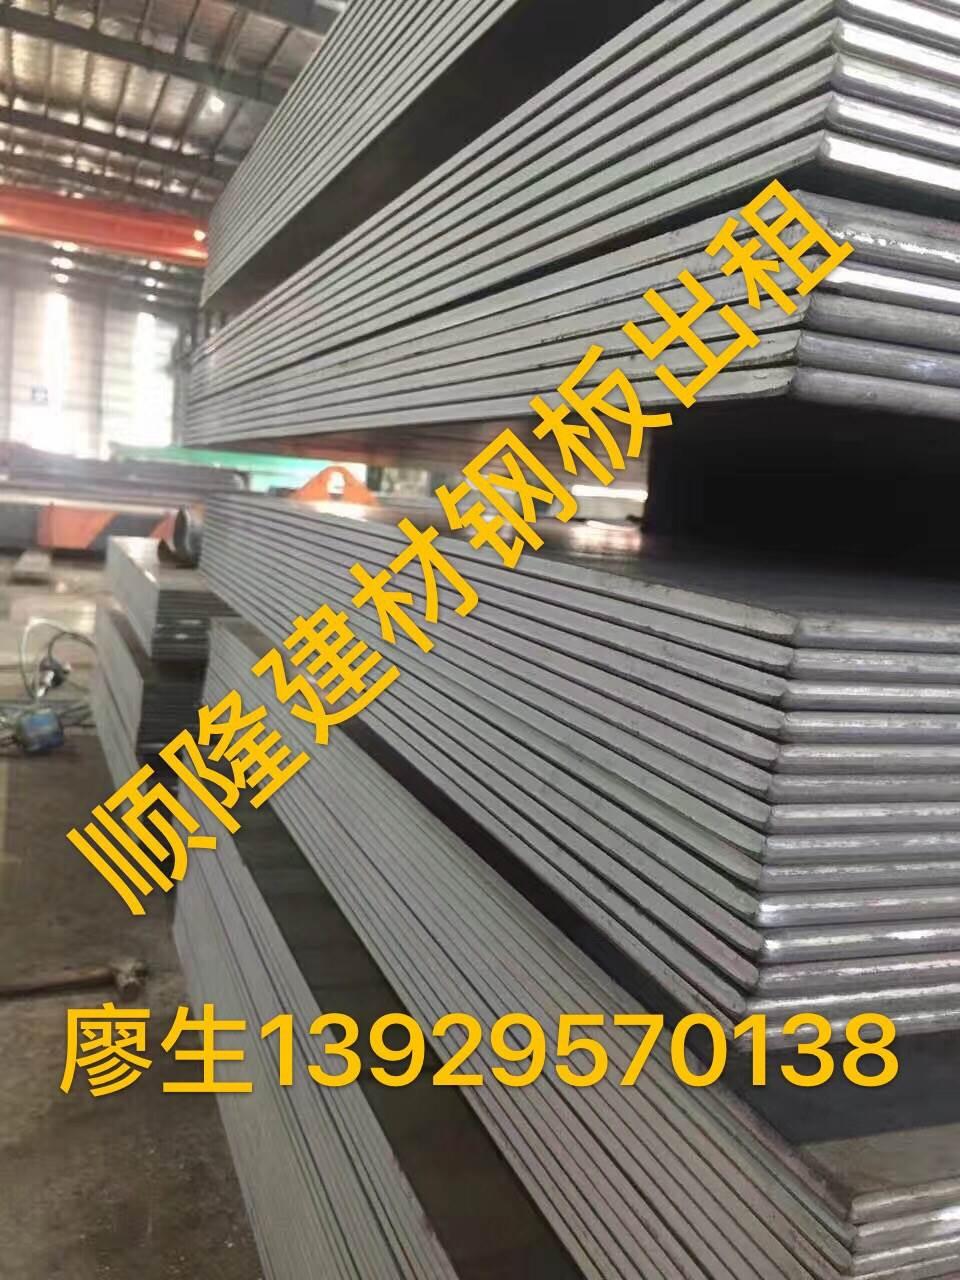 梅州钢板租赁公司-铺路钢板租赁批发